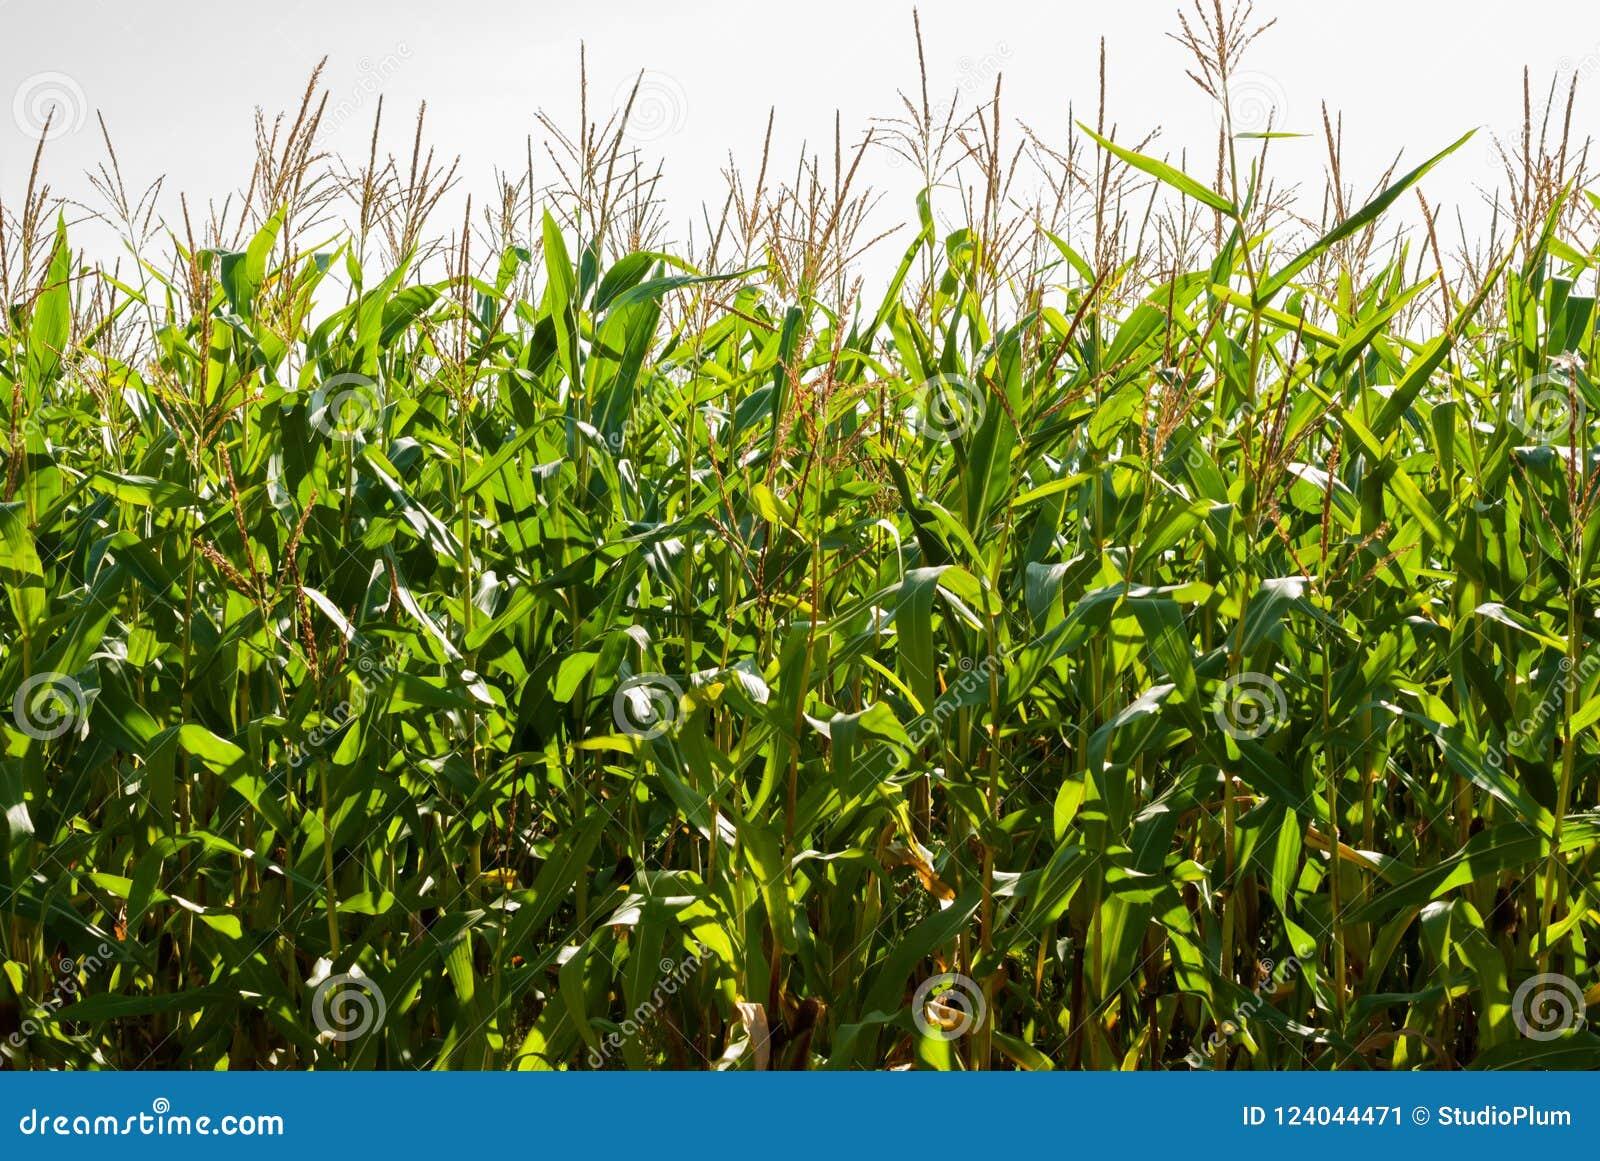 Champ de maïs un jour ensoleillé à la fin de l été